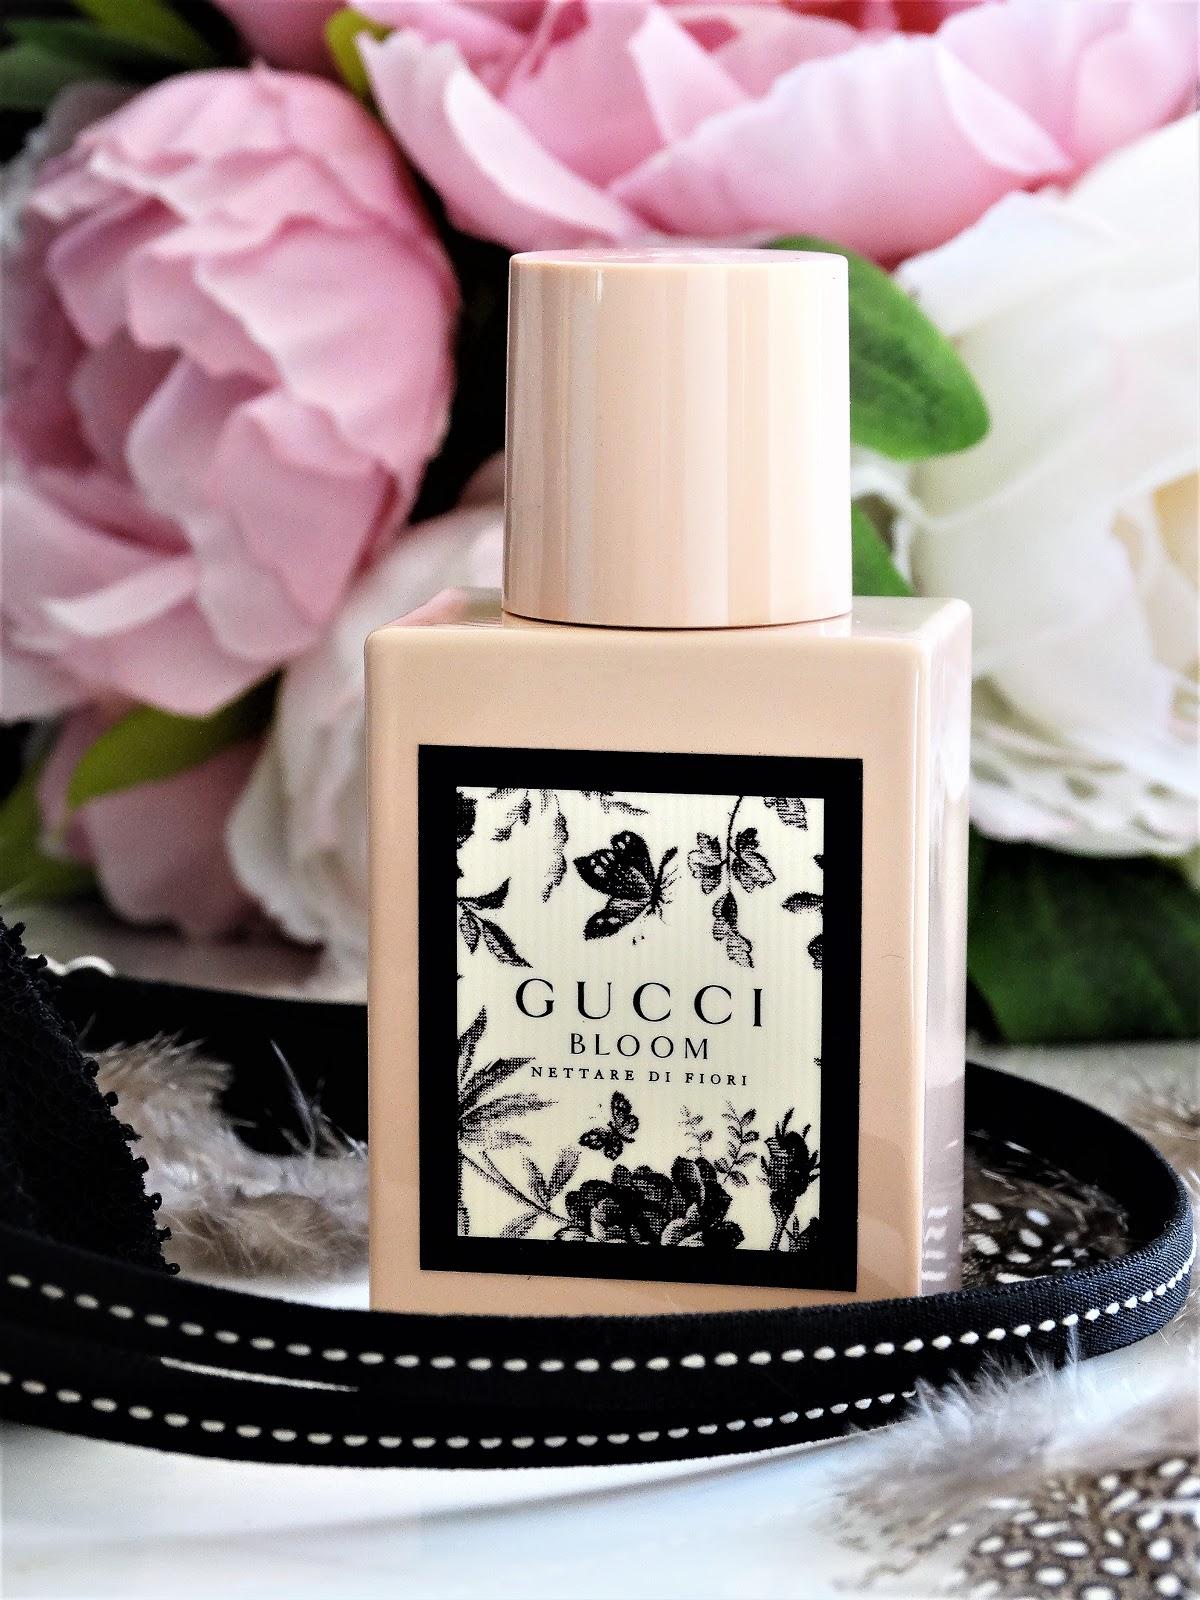 Gucci Bloom Nettare Di Fiori Gucci Ambiance Et Fragrance Blog